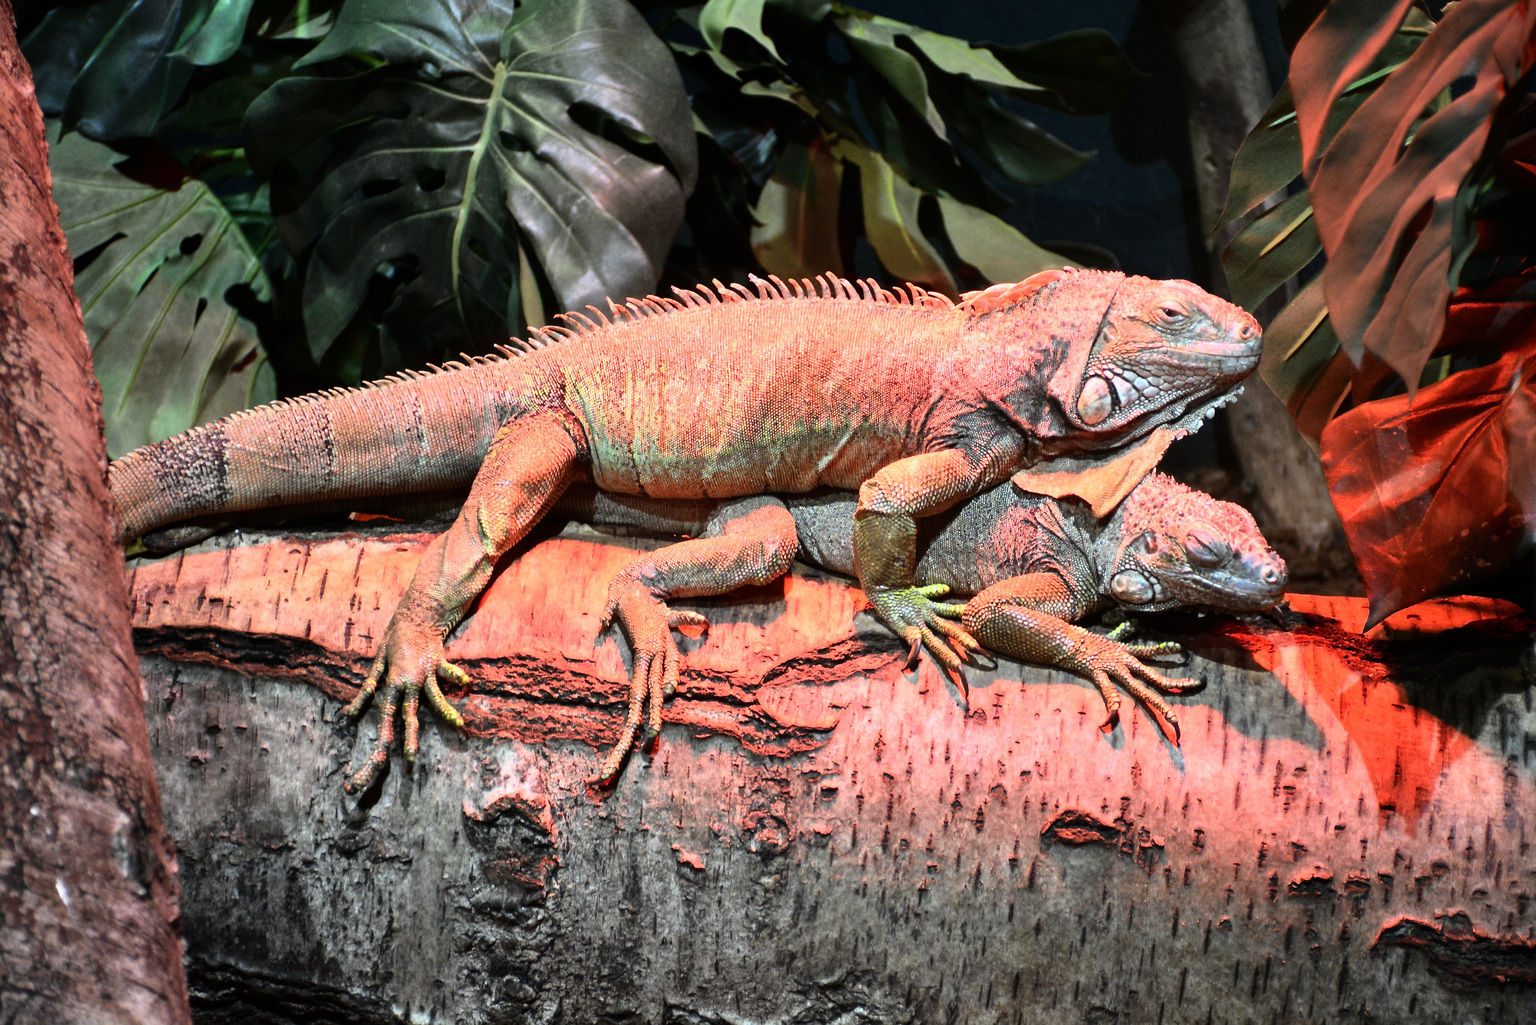 Kameleon - Pairi-Daiza - foto door winnybiets op 05-05-2021 - locatie: Brugelette, België - deze foto bevat: leguaan, reptiel, hagedis, geschaald reptiel, terrestrische dieren, fabriek, terrestrische plant, staart, dragon hagedis, klauw